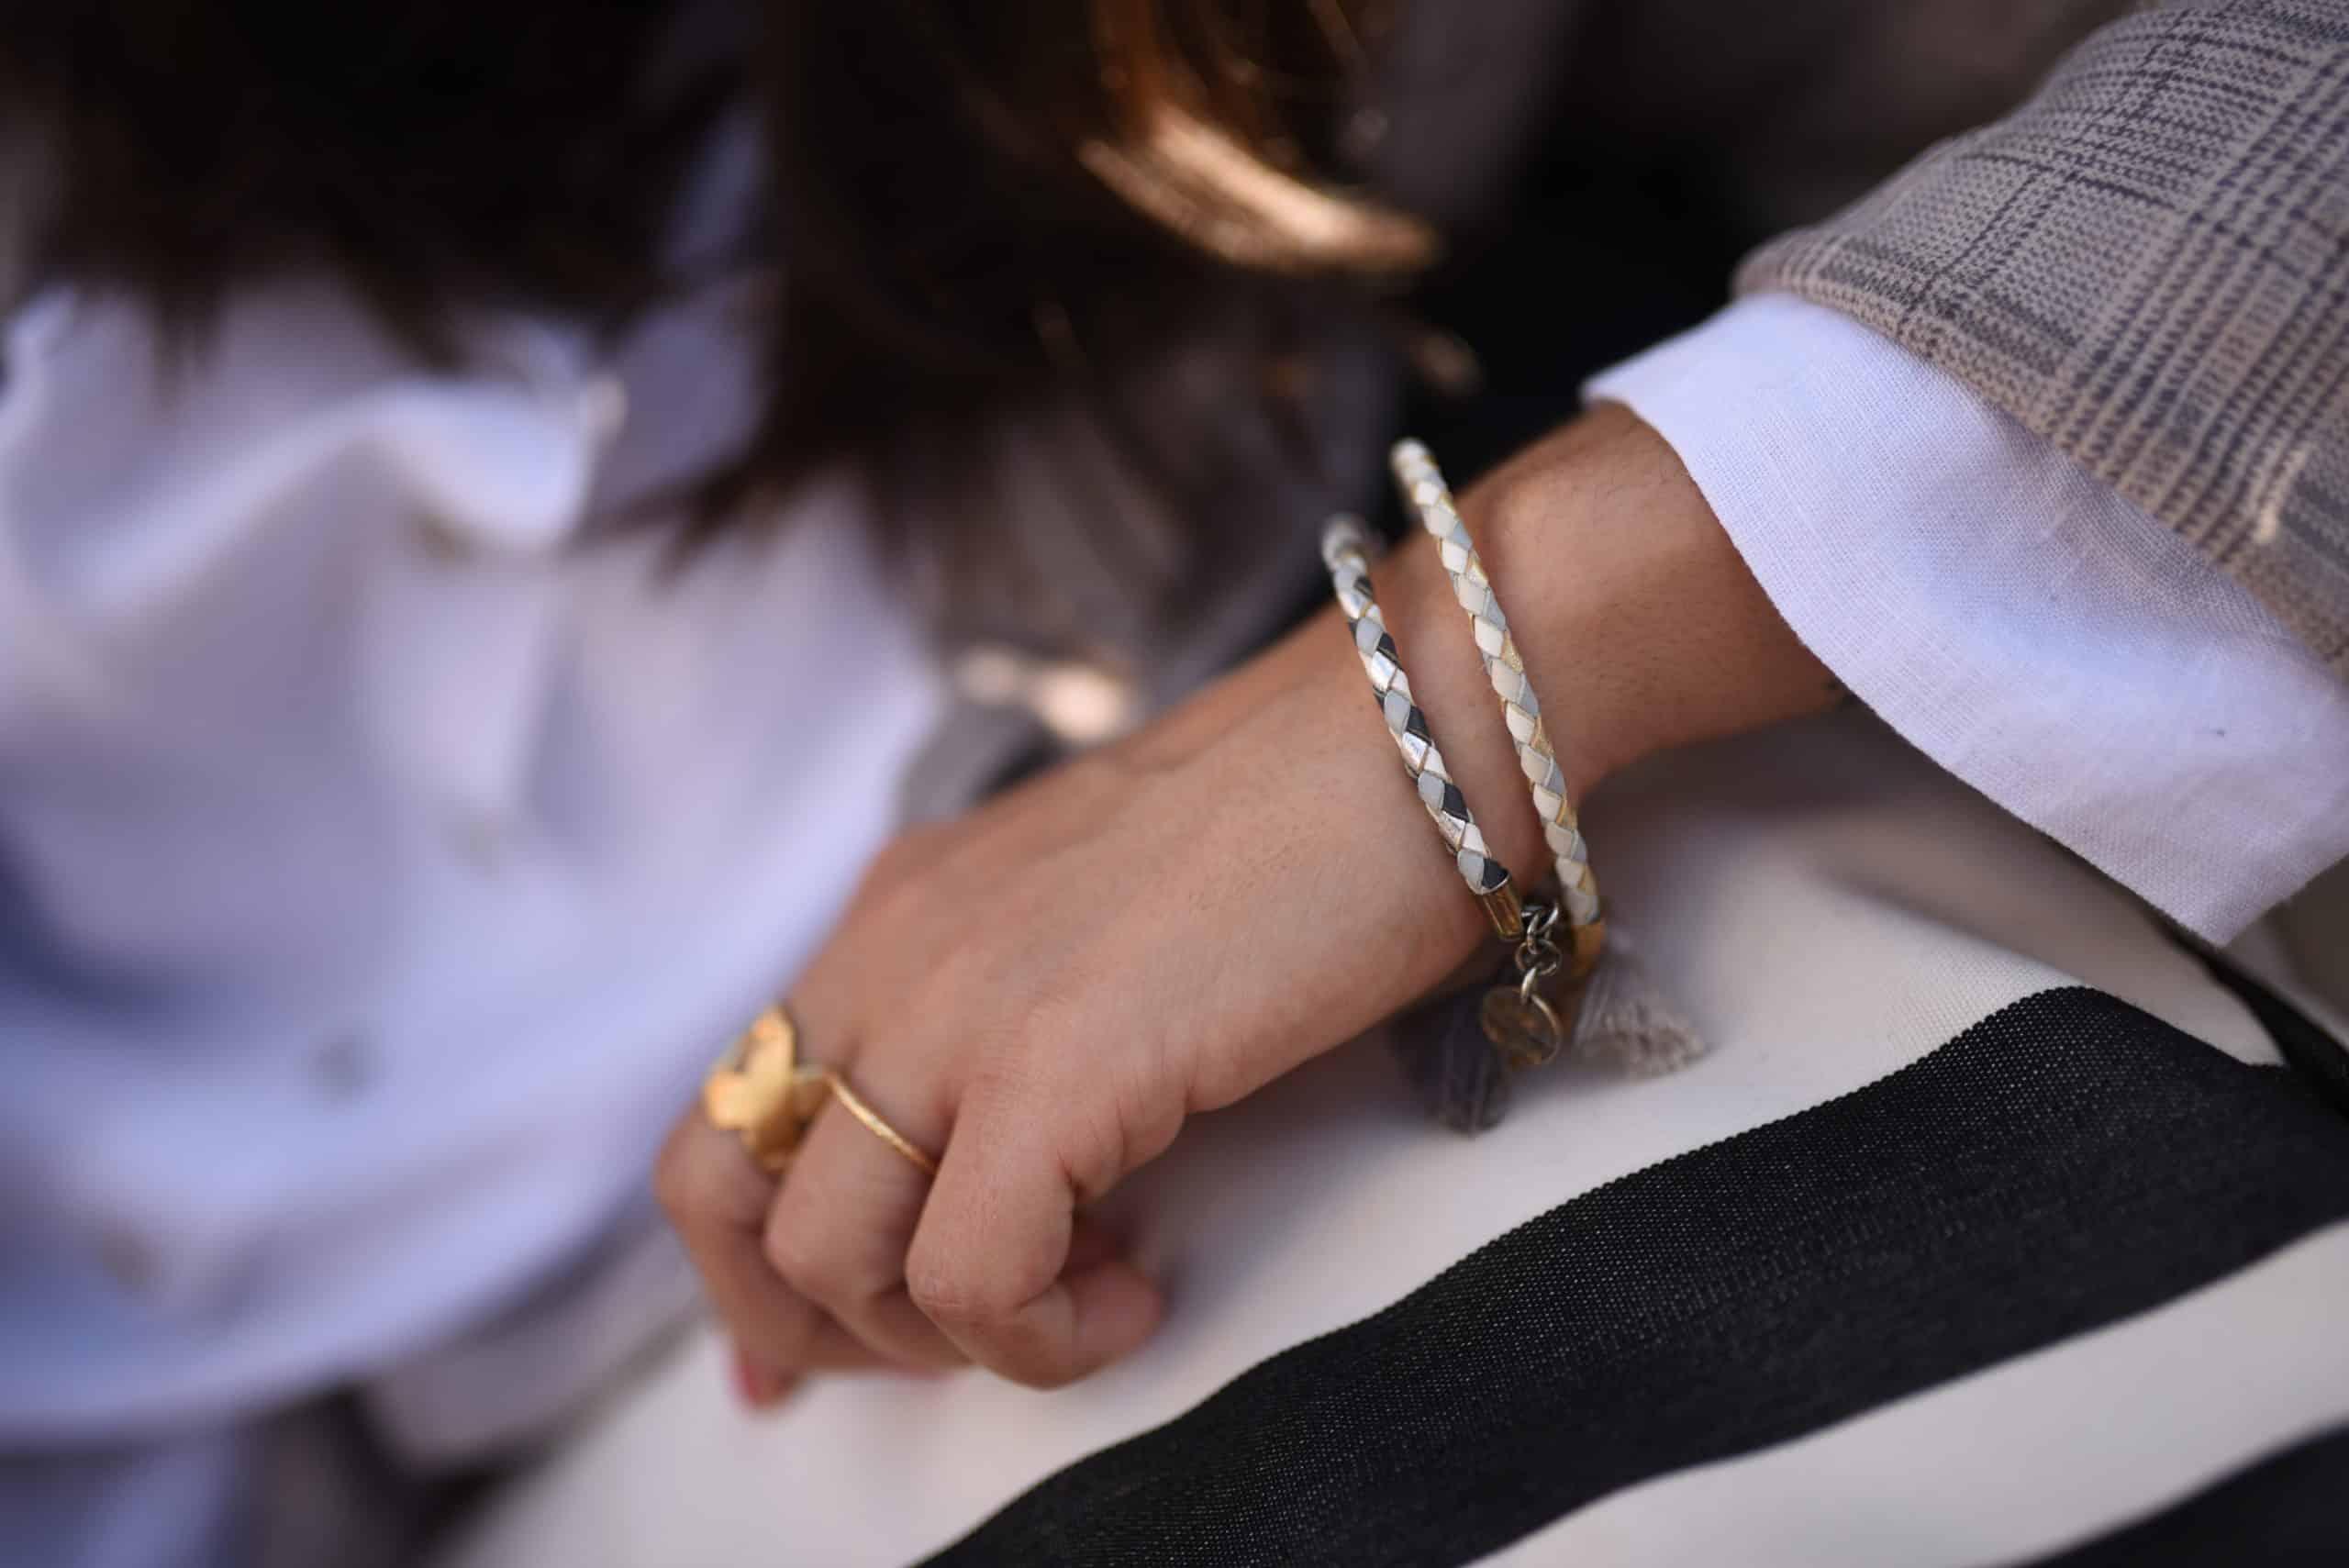 quadri pulsera hombre mujer joyas complementos hecho a mano paris piel cuero gris azul coralie de seynes plata